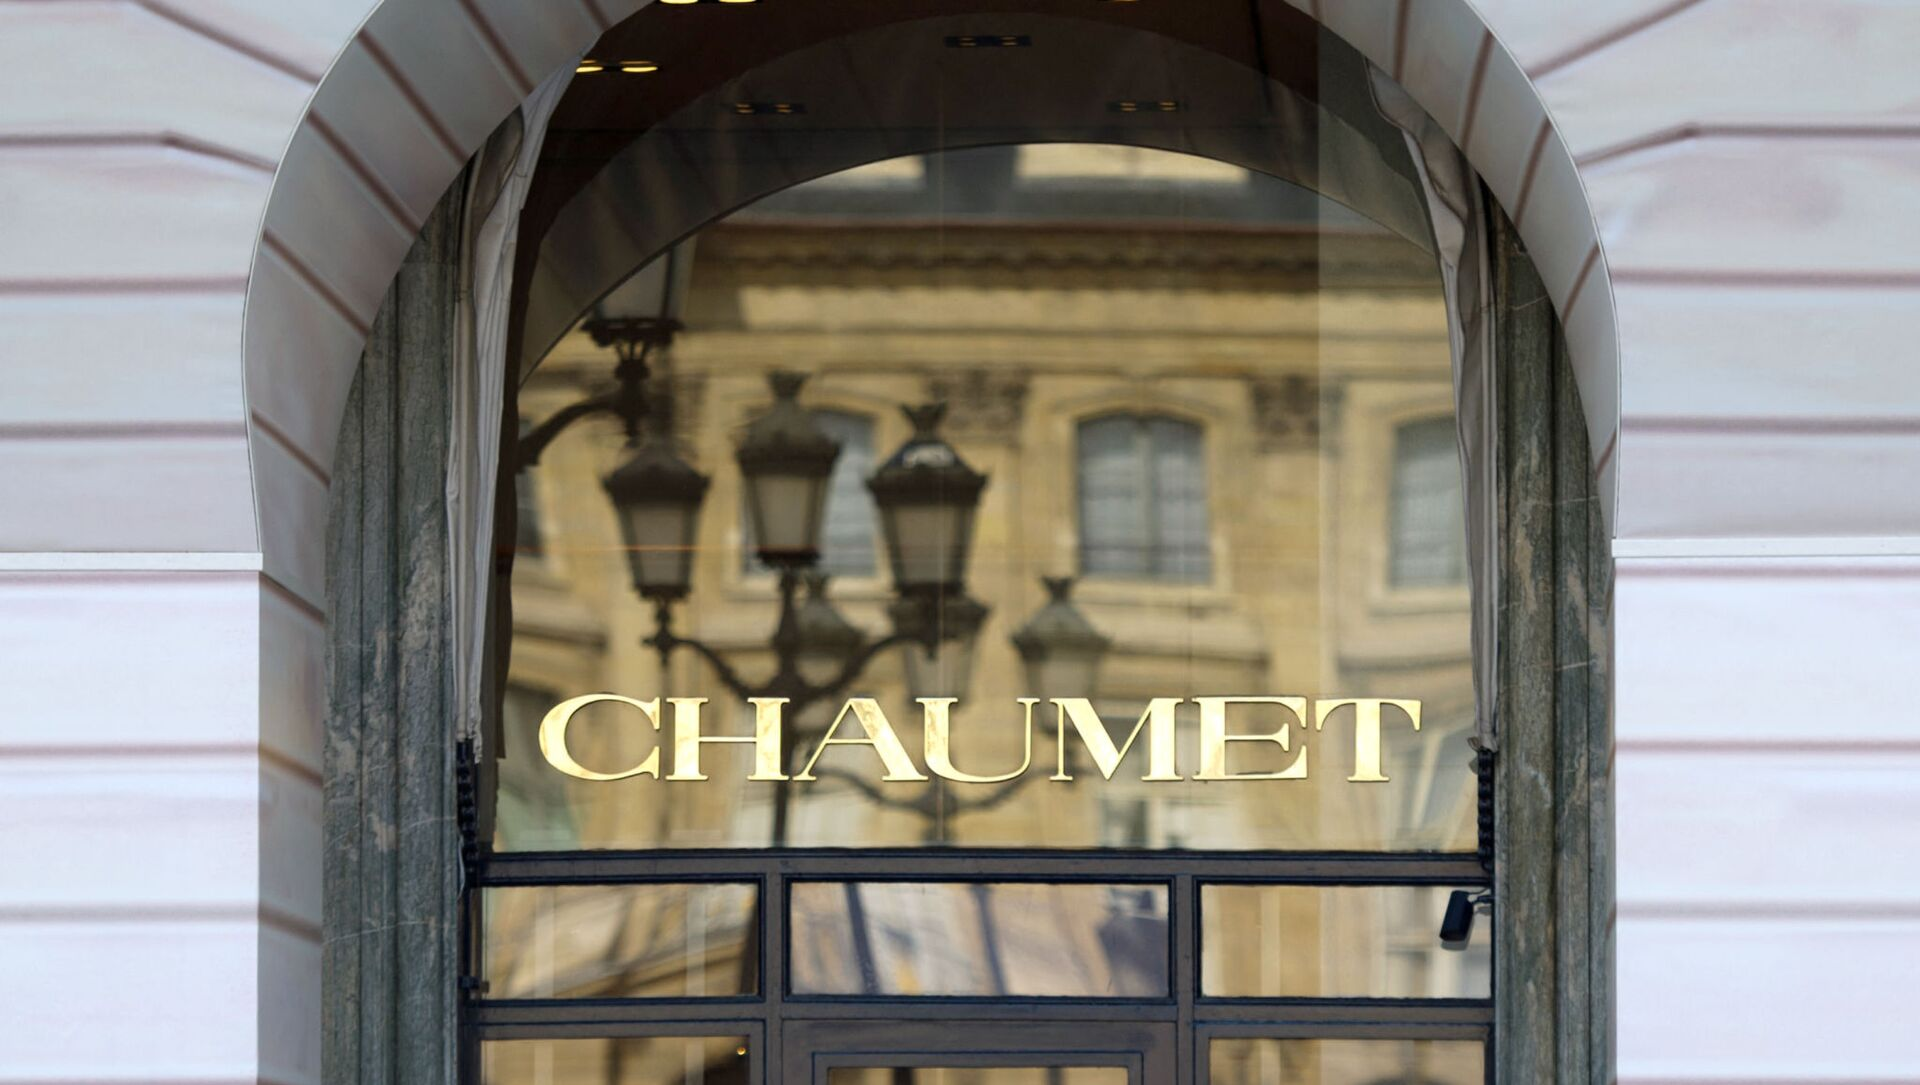 La maison Chaumet, sise place Vendôme, à Paris, photo d'archives - Sputnik France, 1920, 27.07.2021